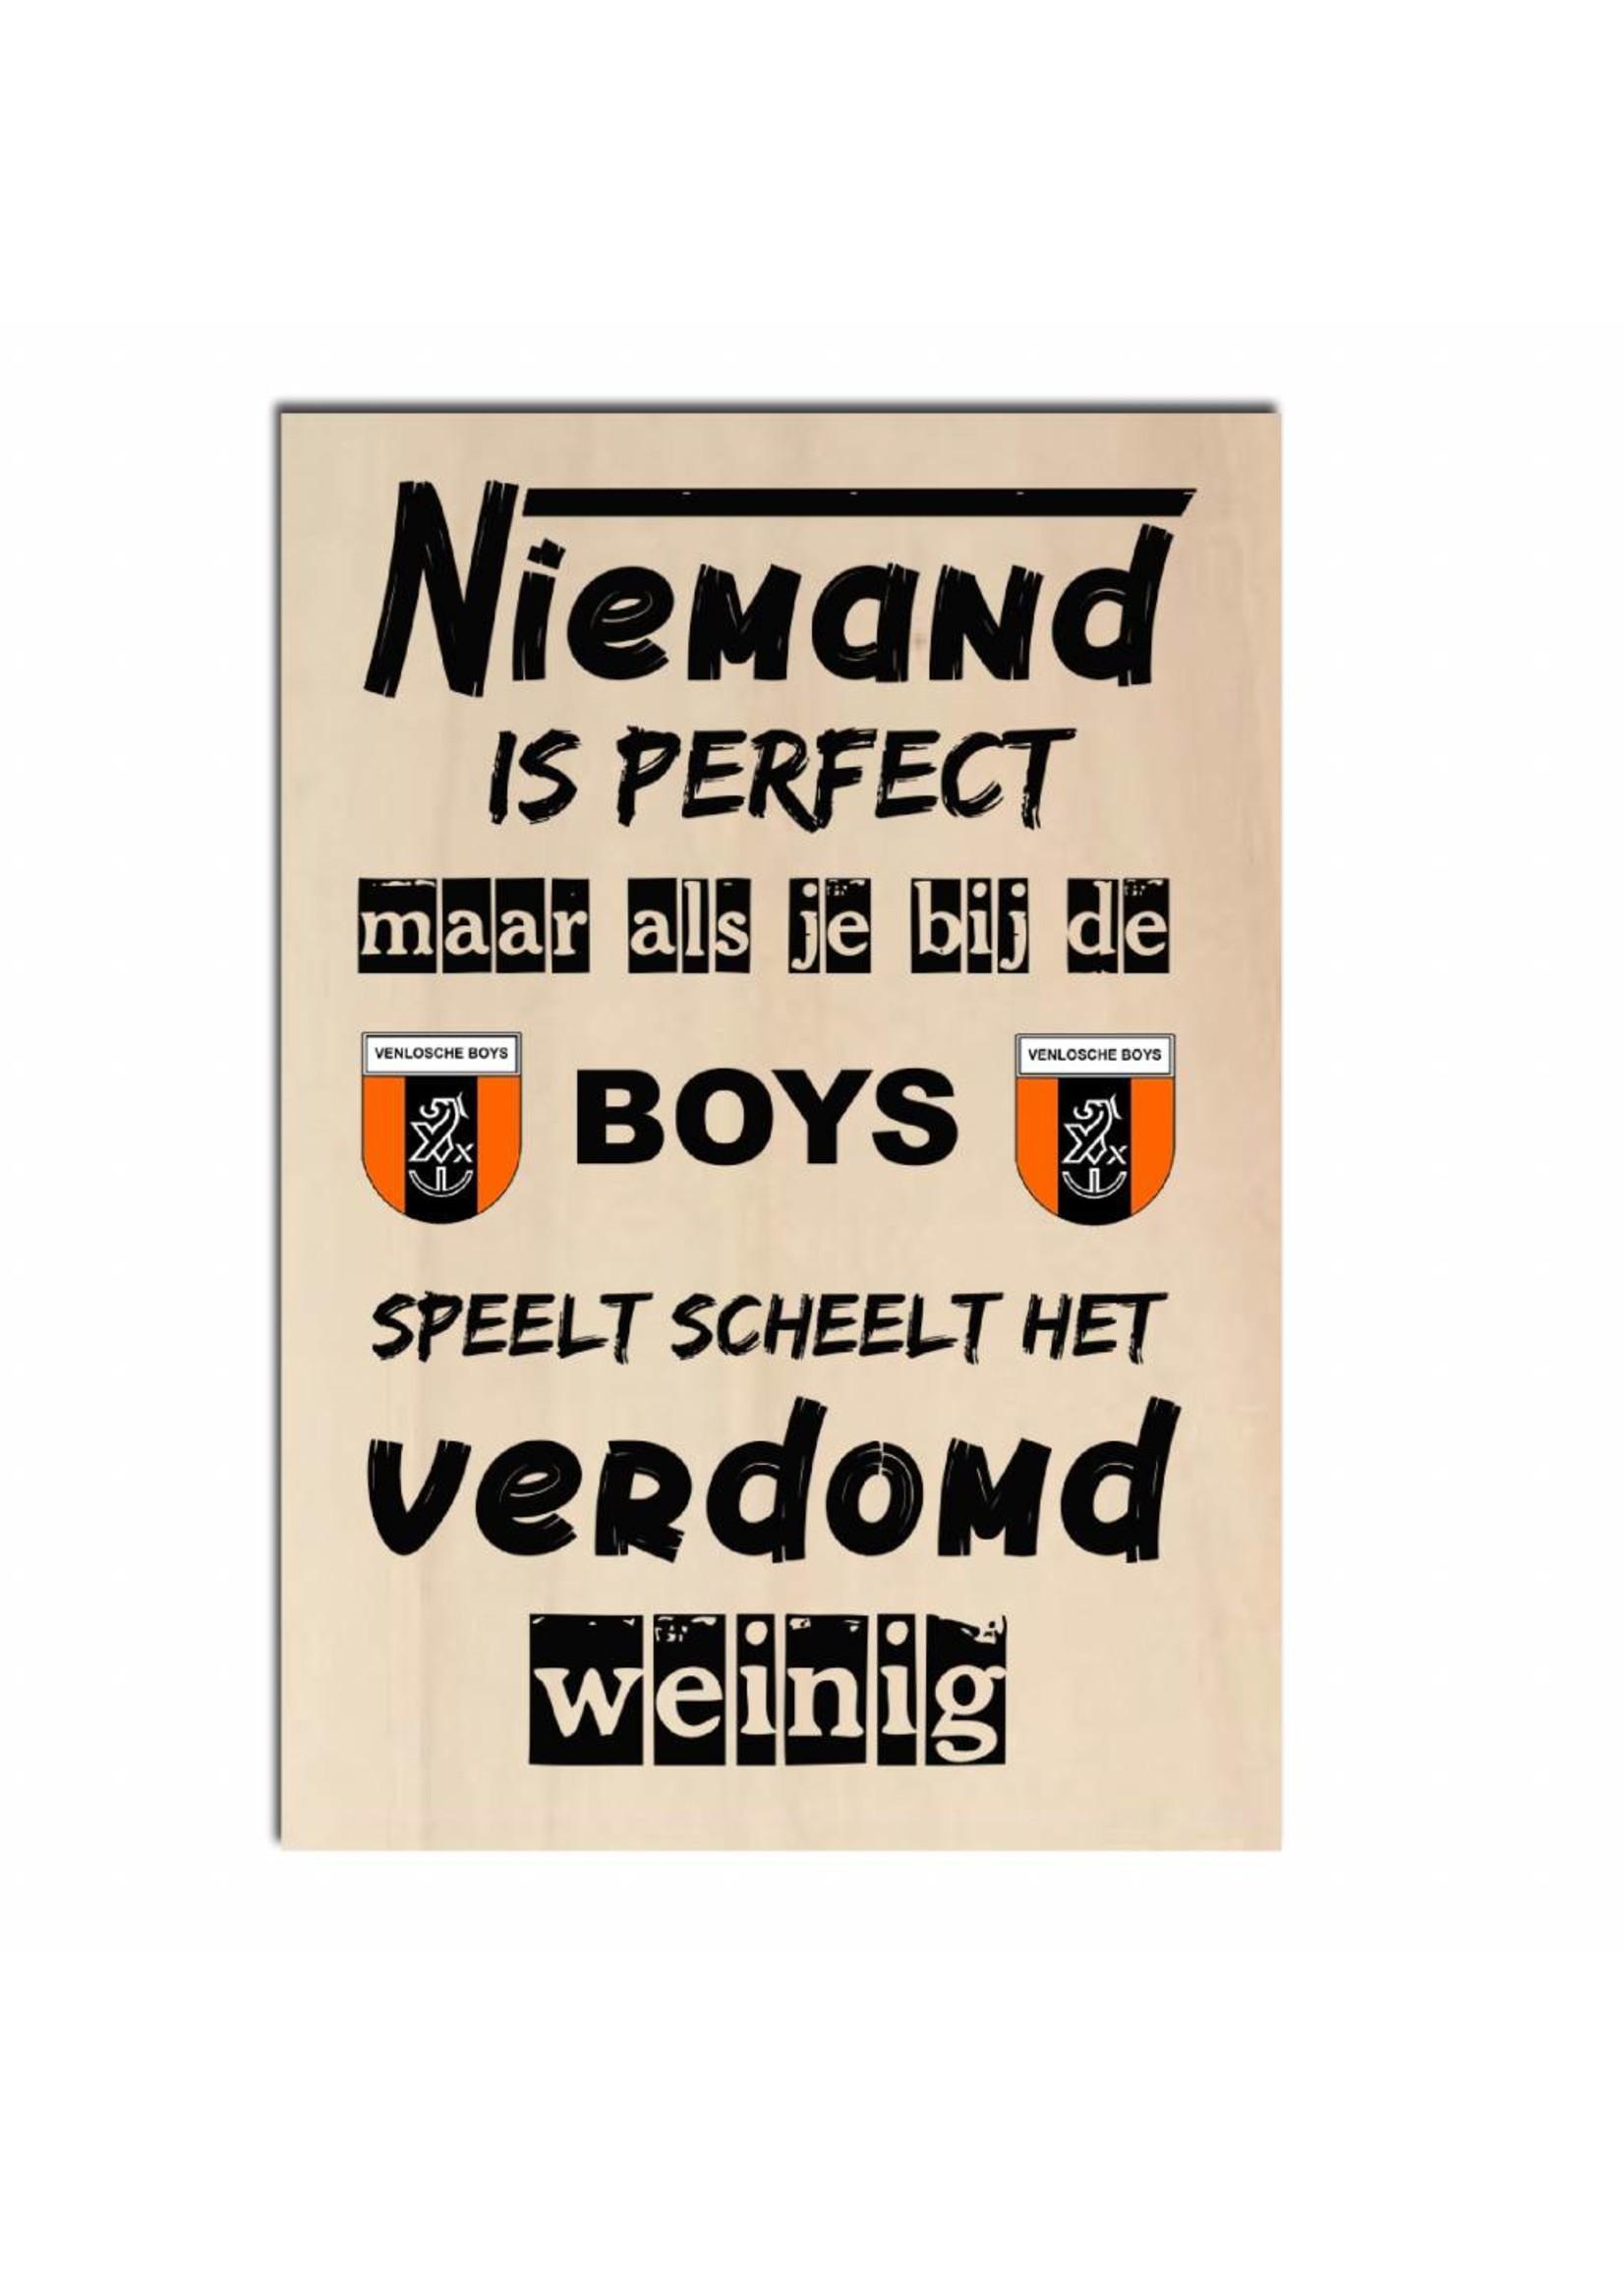 Bedrukt hout - Venlosche Boys  of andere club